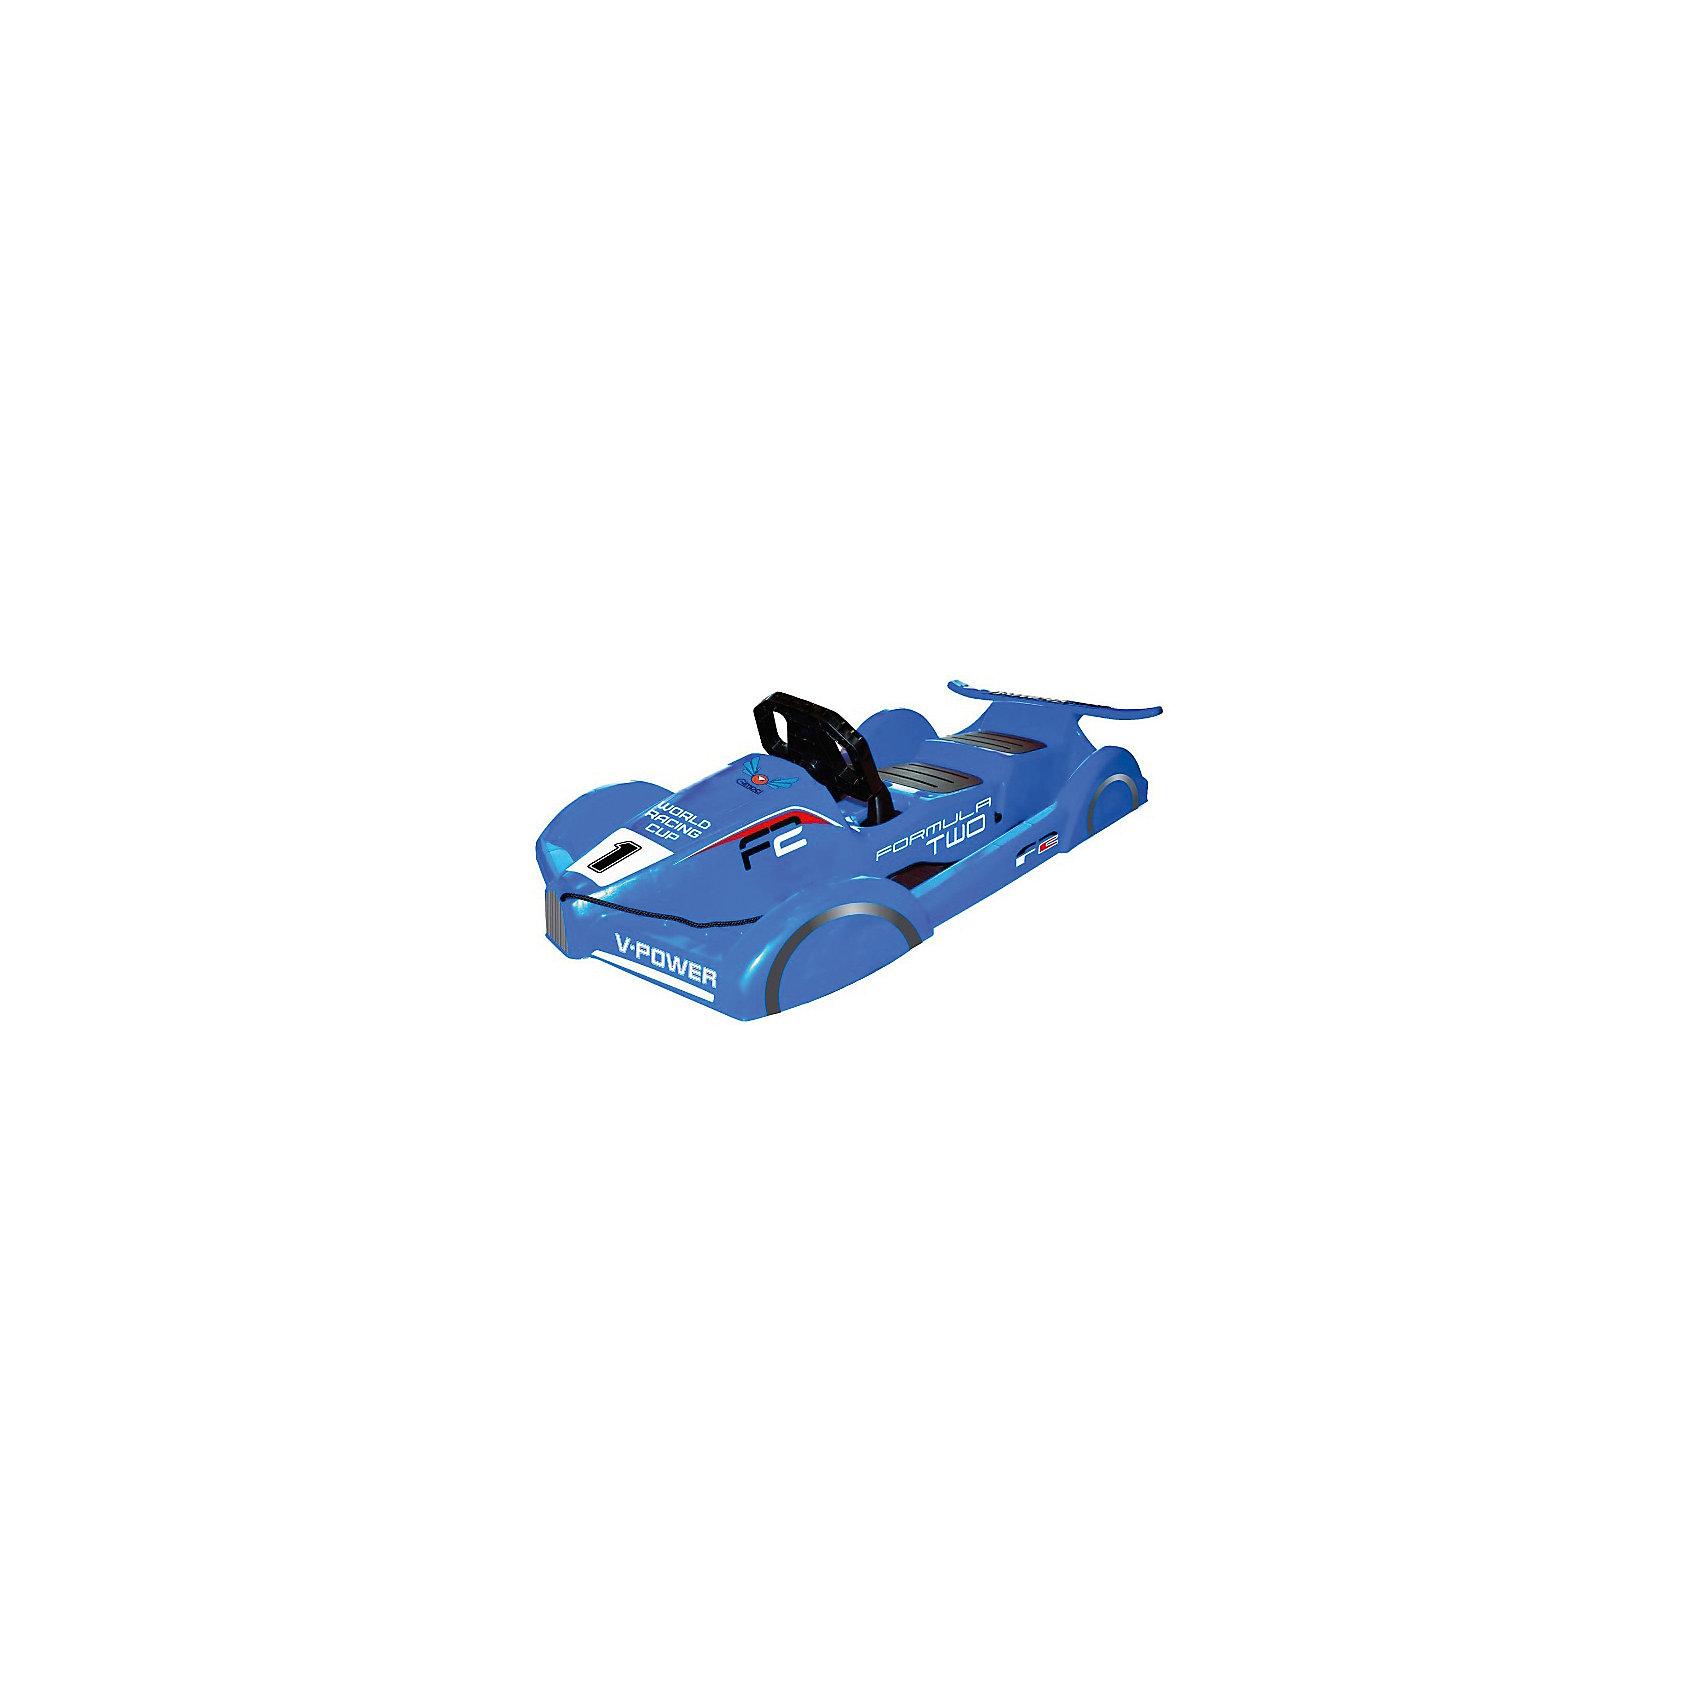 Санки Formula, синий, GimpelСанки и снегокаты<br>Санки Formula, синий, Gimpel (Гимпель).<br><br>Характеристики:<br><br>- Максимальный вес: 90 кг.<br>- Материал: морозостойкий HDPE пластик<br>- Цвет: синий<br>- Длина: 120 см.<br>- Вес: 5,2 кг.<br><br>Двухместные управляемые санки Formula Gimpel (Гимпель) стилизованы под гоночный болид. Яркий и стильный дизайн, спойлер и имитация колес позволят ребенку почувствовать себя настоящим пилотом на снежной трассе. Руль, управляющий скрытыми лыжами, и ручной тормоз обеспечивают манёвренность и контроль движения. Также санки оснащены буксировочным тросом с удобной ручкой. Сиденья выполнены из пластика с антискользящим покрытием. Ударопрочный корпус, изготовленный из морозоустойчивого пластика, обладает повышенной износостойкостью. Явным преимуществом санок является то, что они рассчитаны на 2 детей.<br><br>Санки Formula, синие, Gimpel (Гимпель) можно купить в нашем интернет-магазине.<br><br>Ширина мм: 1200<br>Глубина мм: 520<br>Высота мм: 330<br>Вес г: 5200<br>Возраст от месяцев: 36<br>Возраст до месяцев: 144<br>Пол: Мужской<br>Возраст: Детский<br>SKU: 5329969